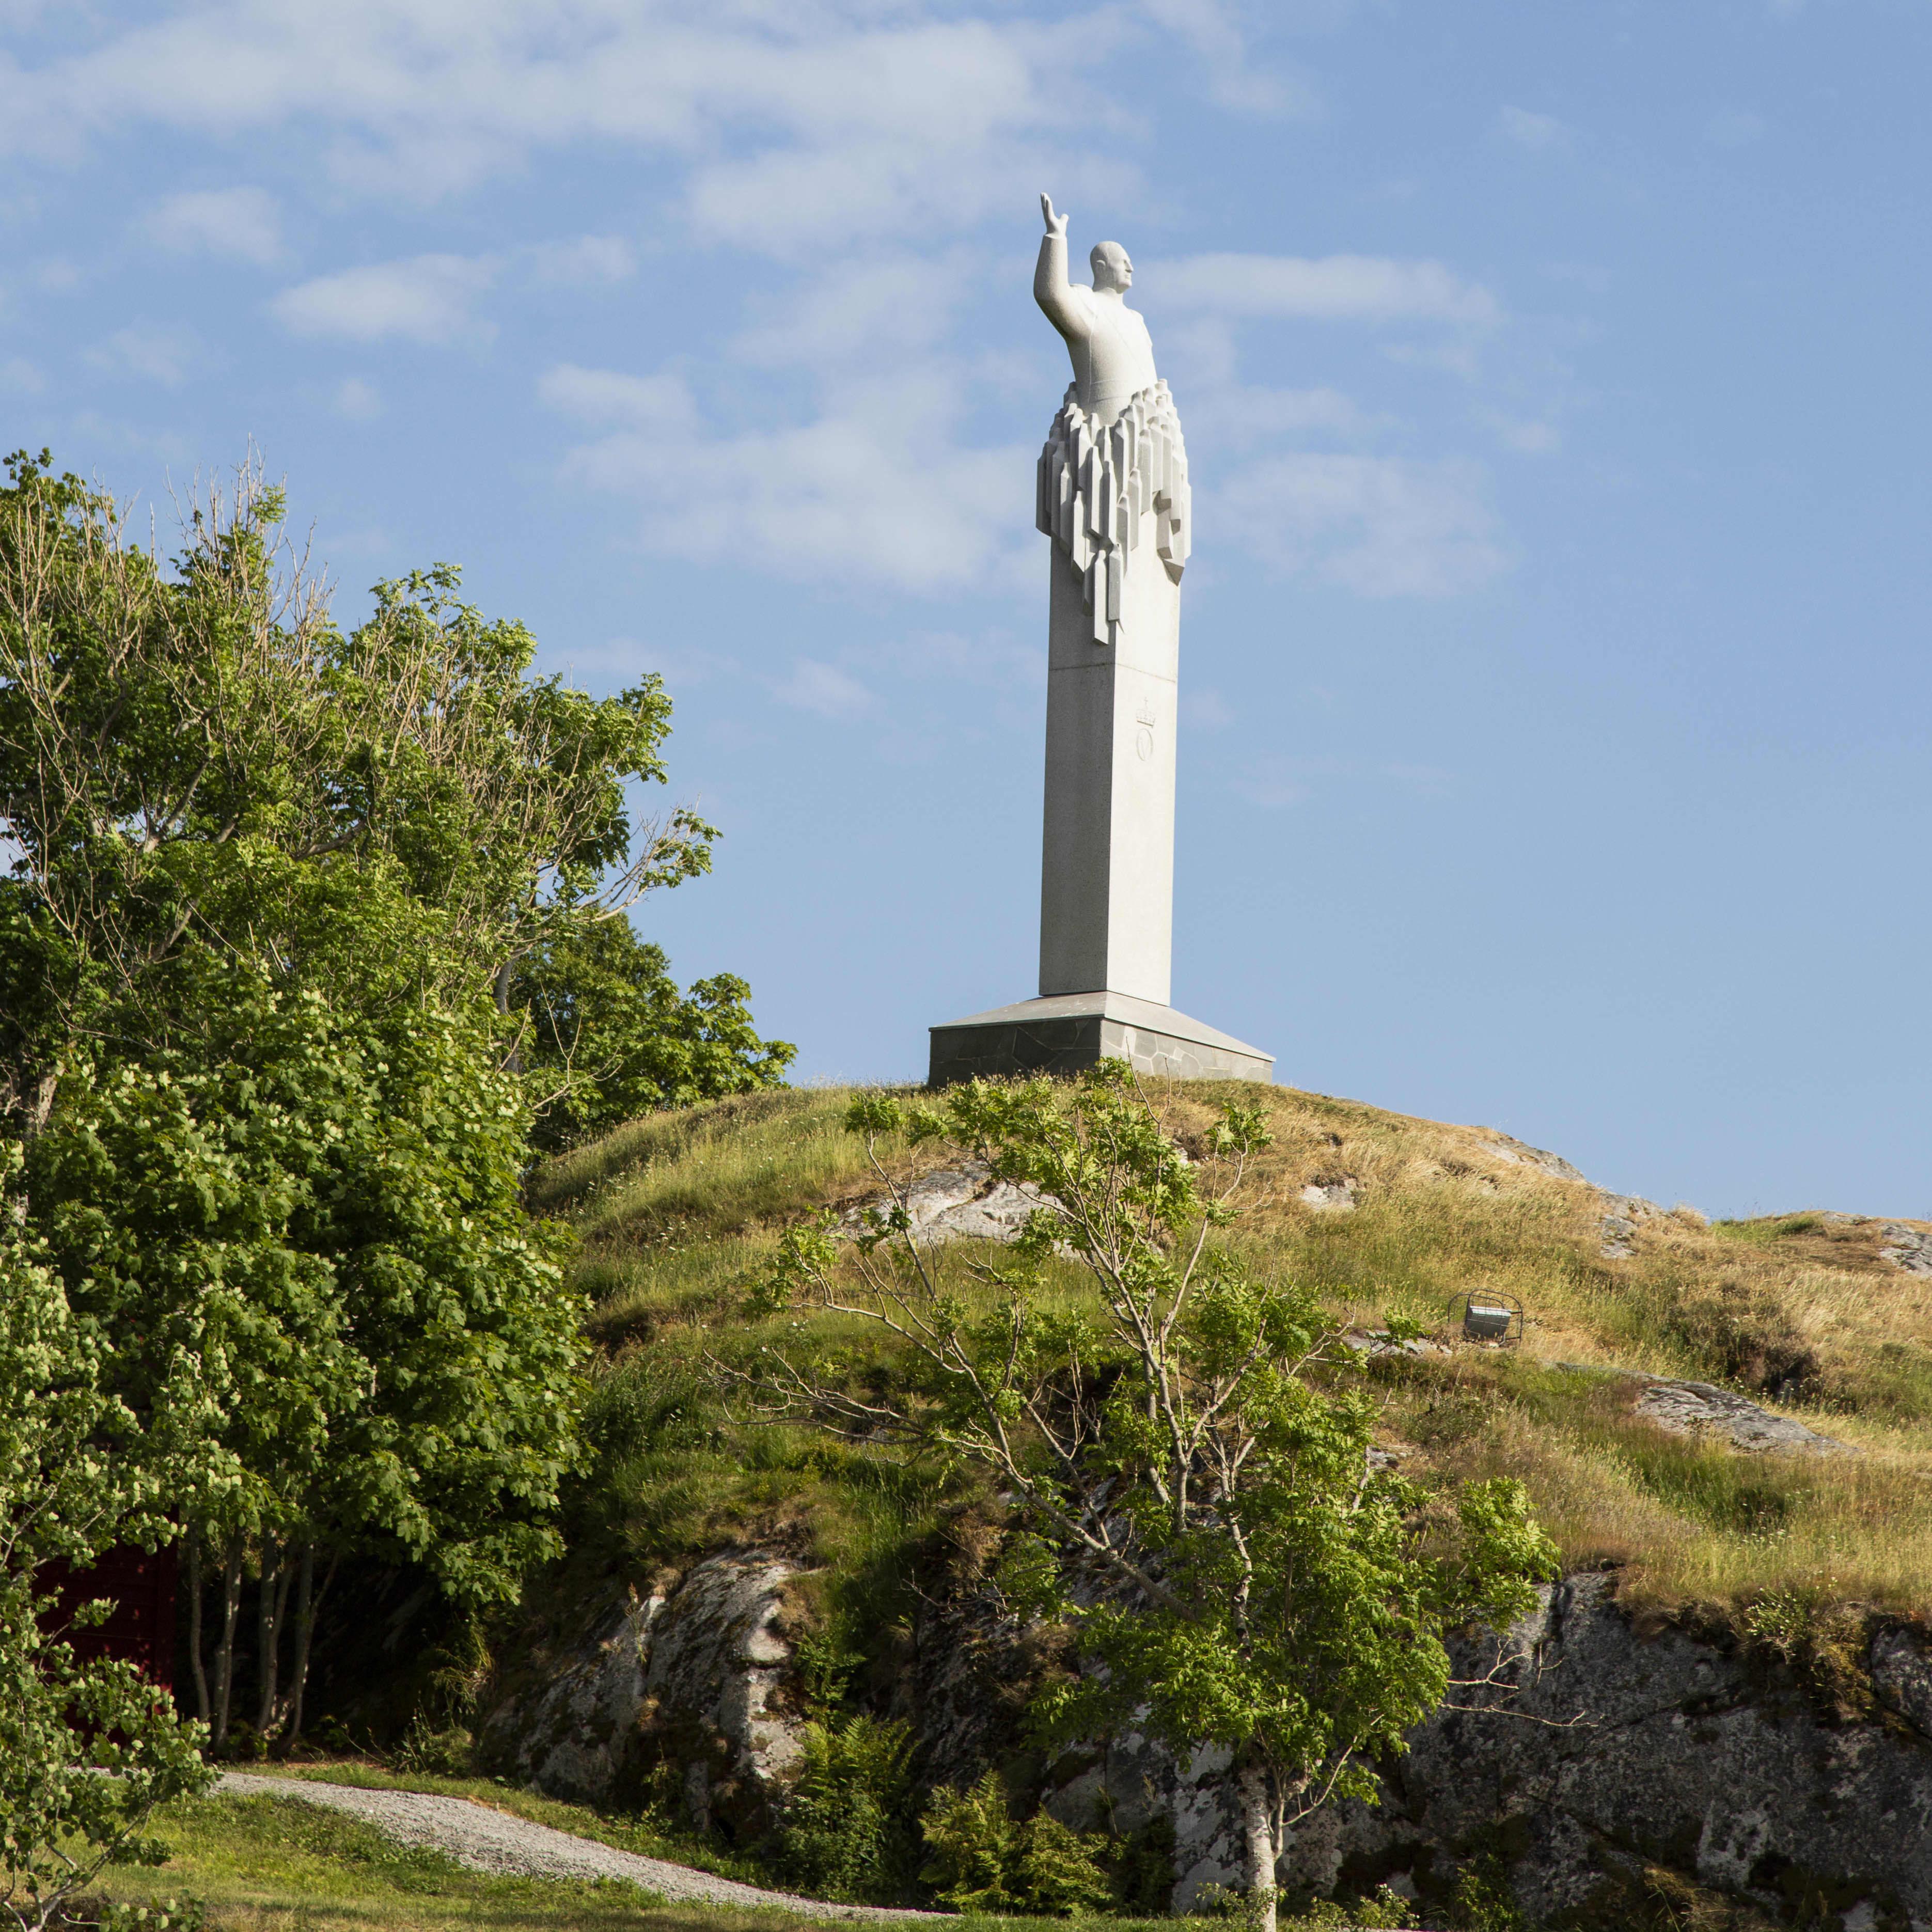 A statue of King Olav V standing on top of a hill in Skjerjehamn.